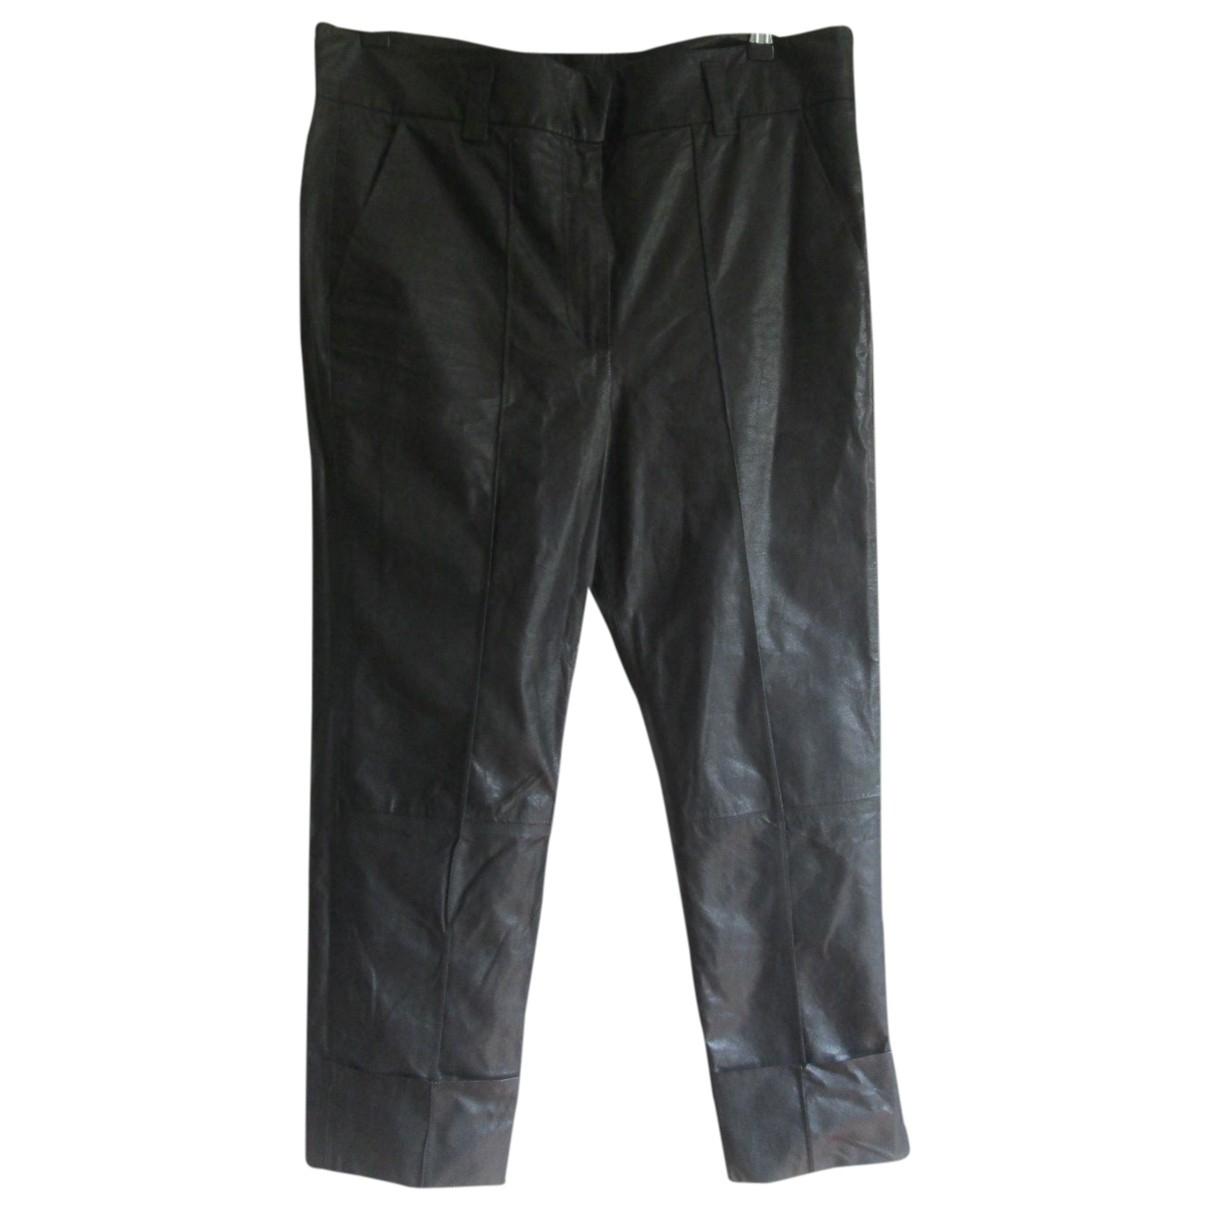 Pantalon de Cuero Haider Ackermann